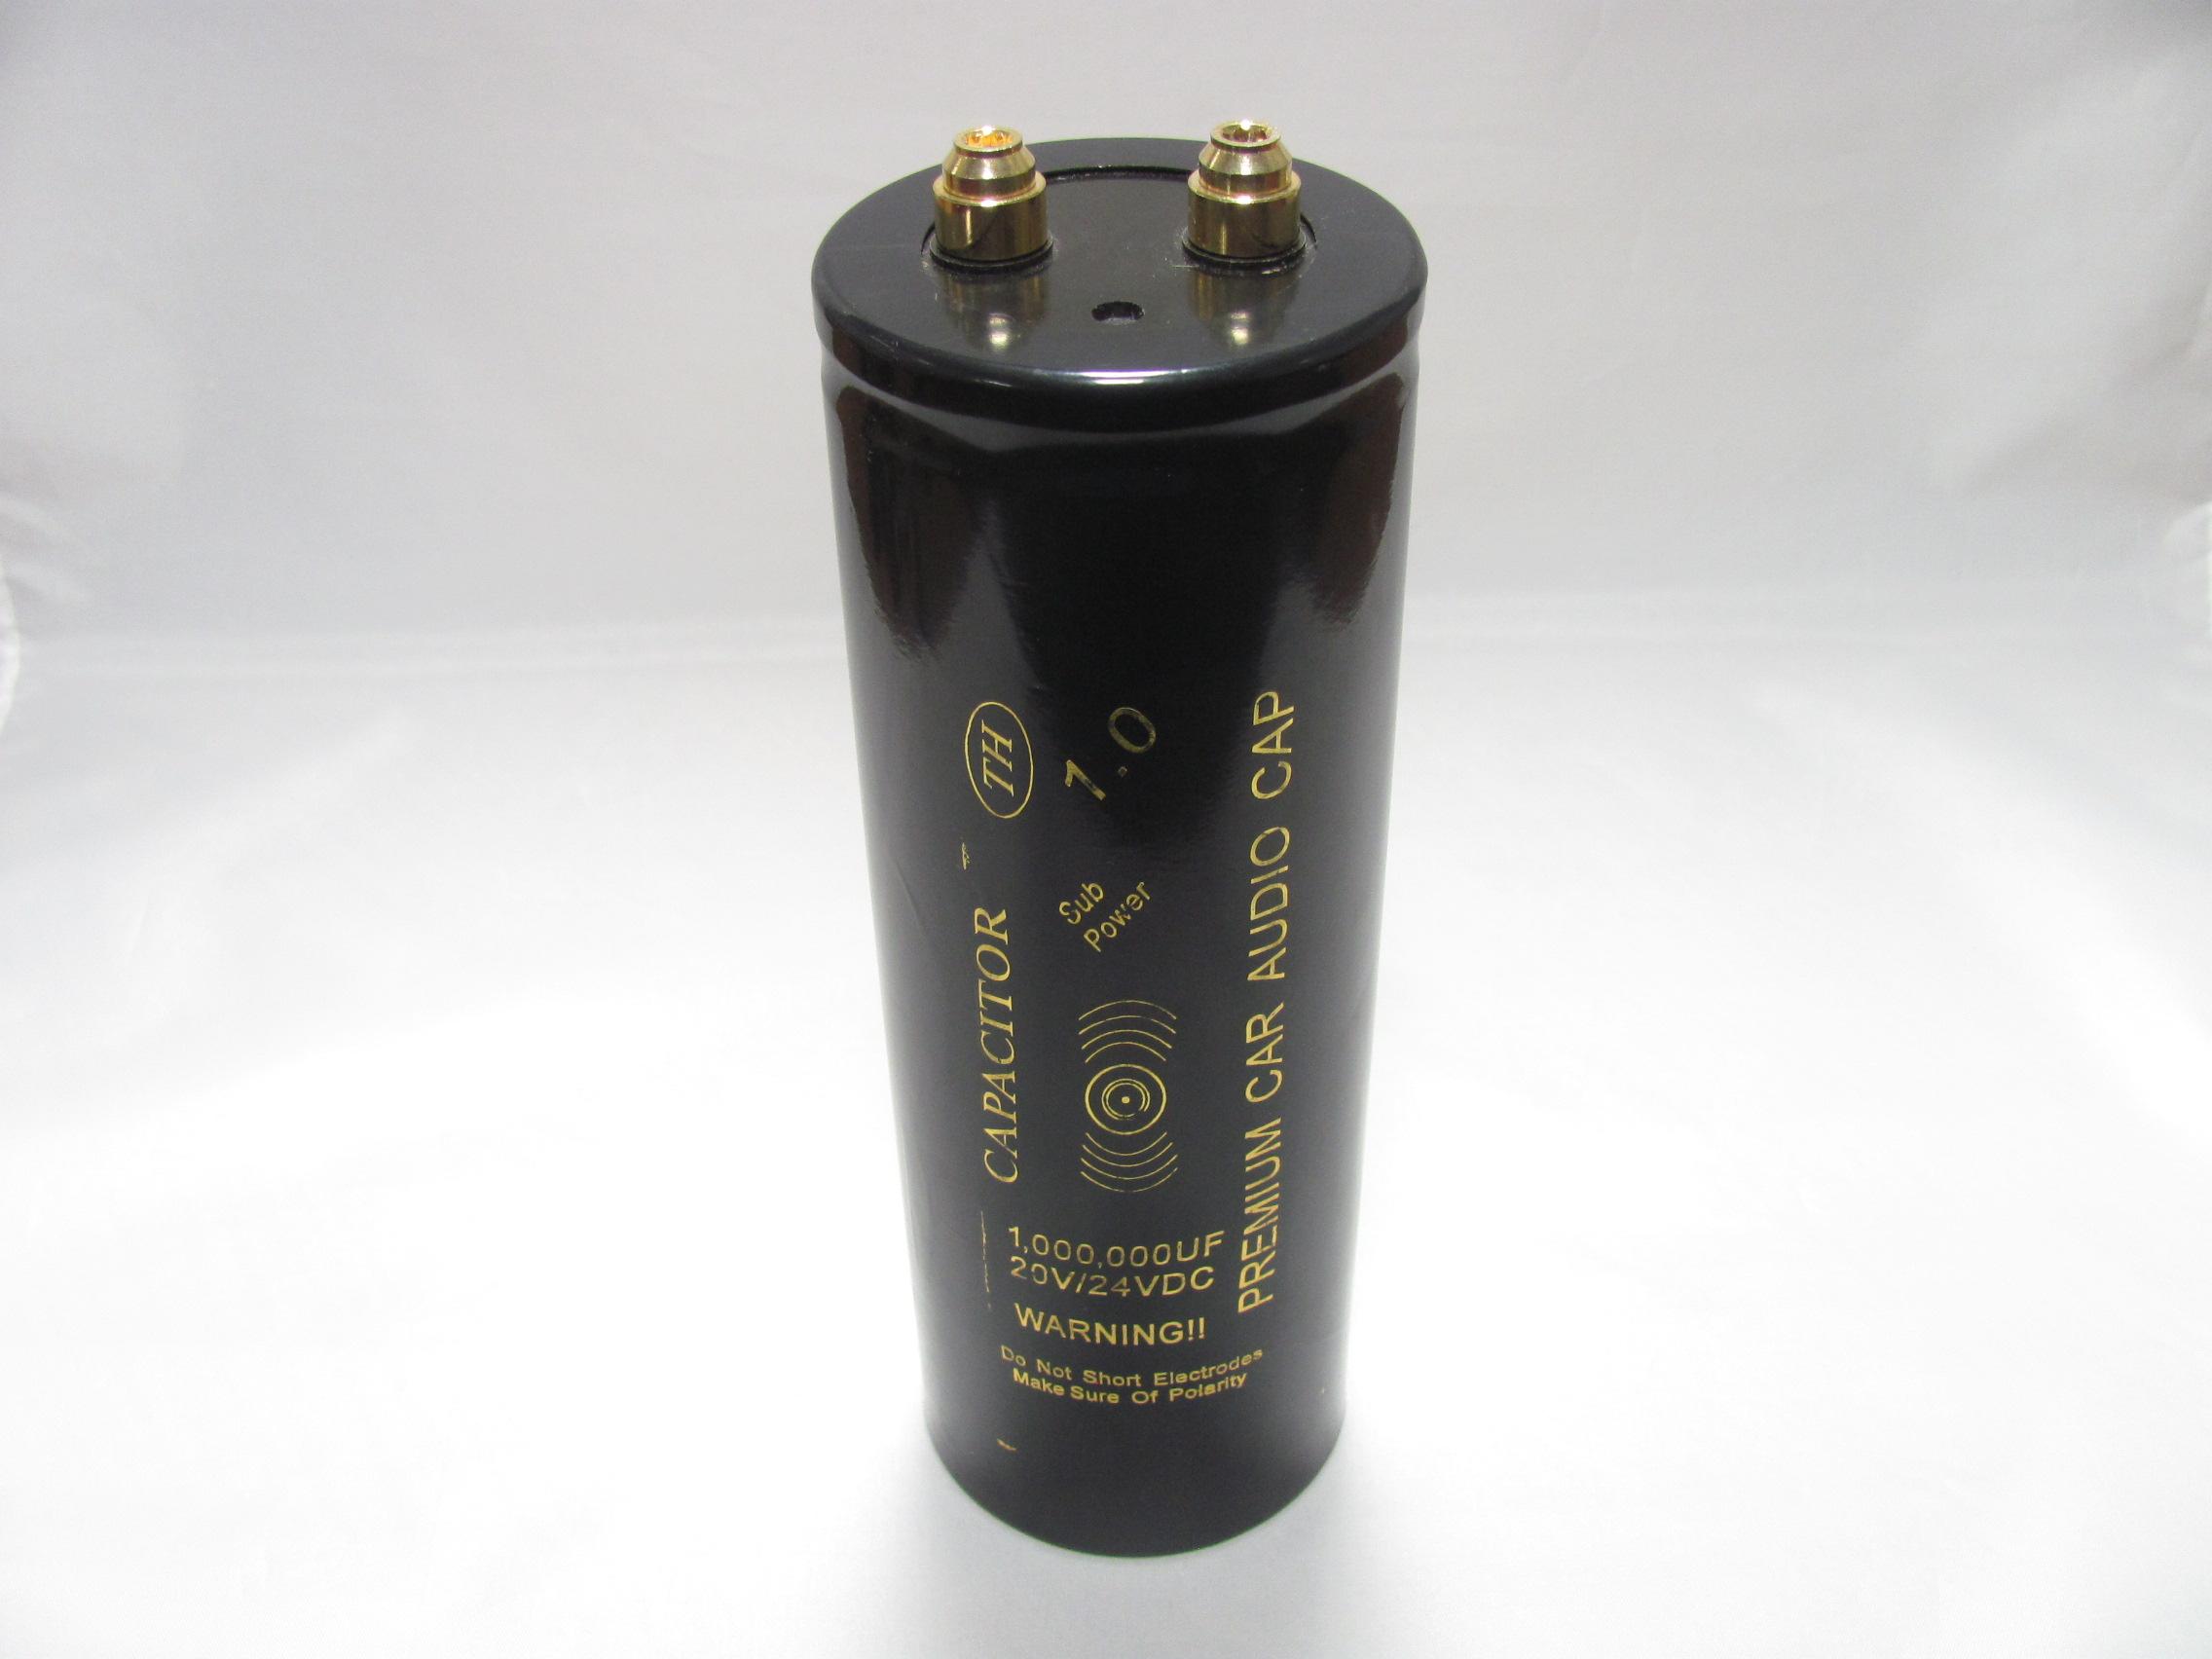 CD98SK-1C105T76X220 1000000 uF 16 VDC Capacitor - Capacitor